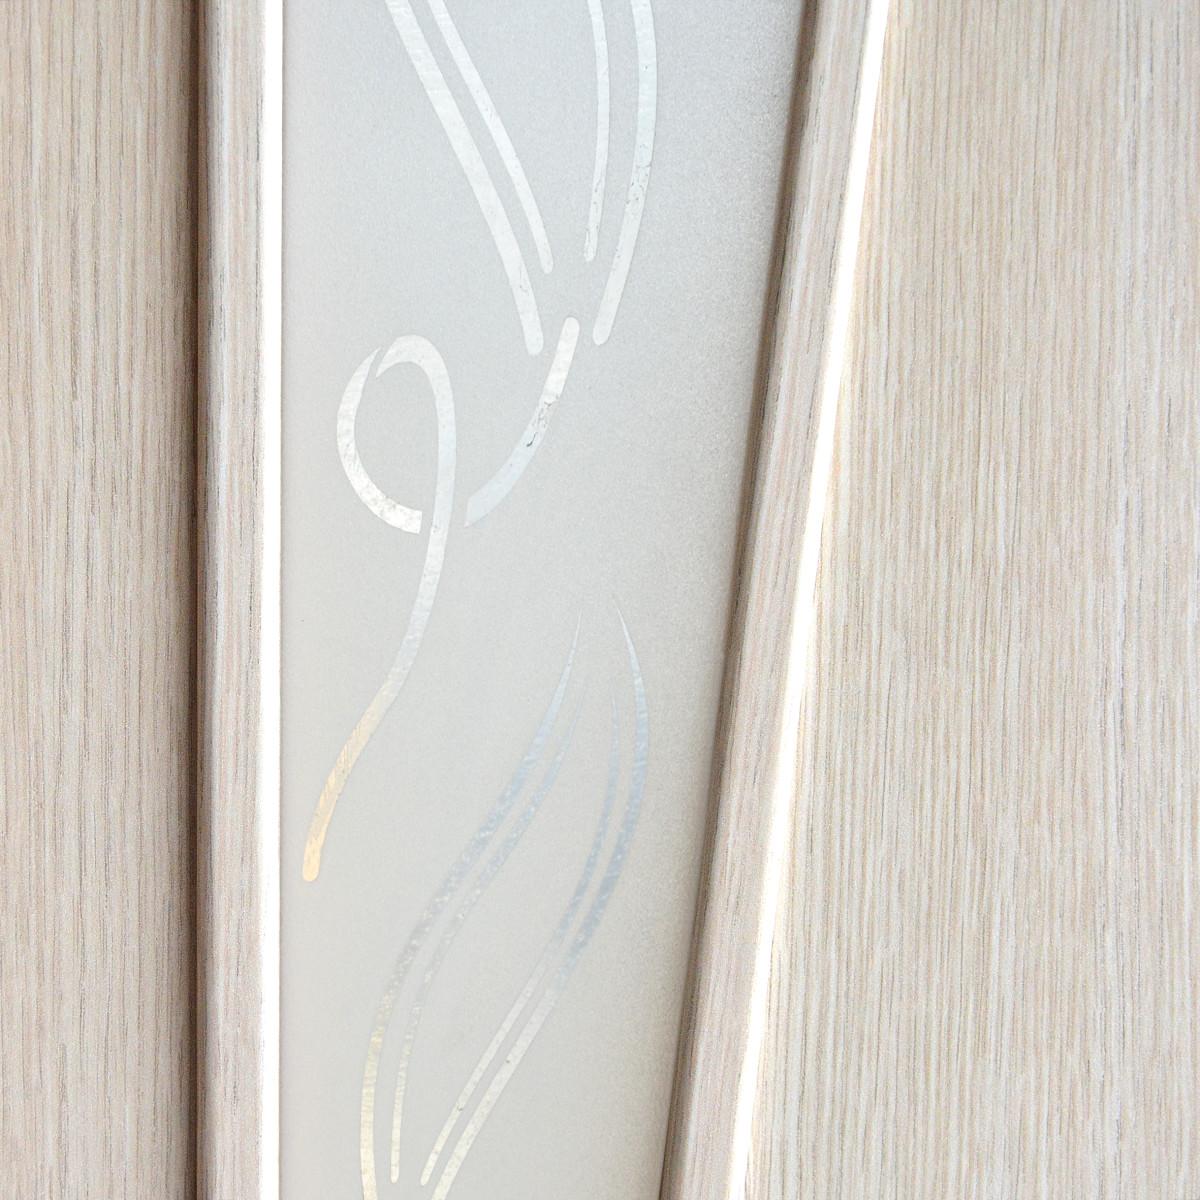 Дверь Межкомнатная Остеклённая Ламинированная Белеза 90x200 Цвет Белый Дуб